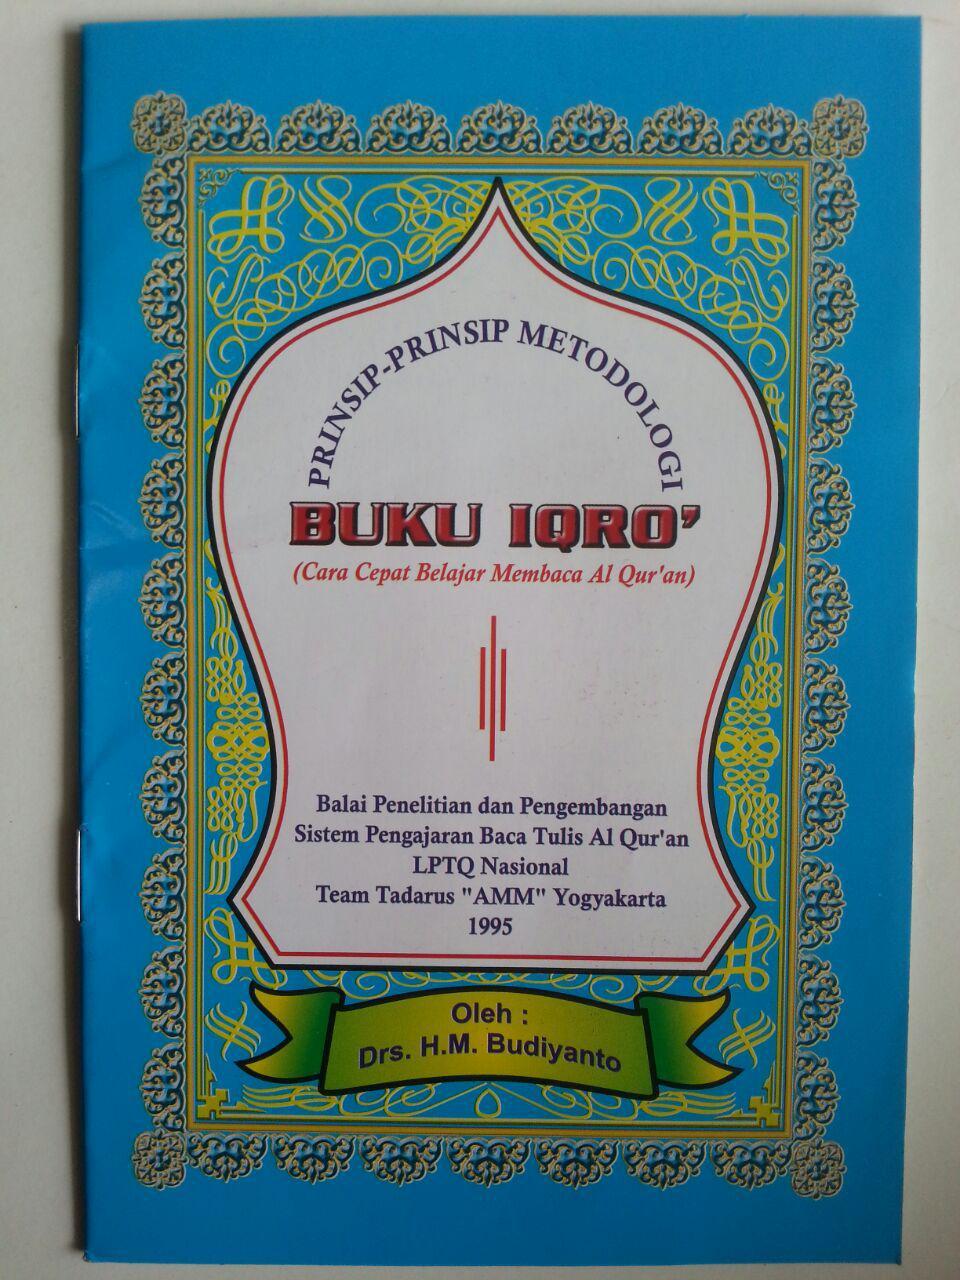 Buku Prinsip-Prinsip Metodologi Buku Iqro Cara Cepat Belajar Membaca Al-Quran cover